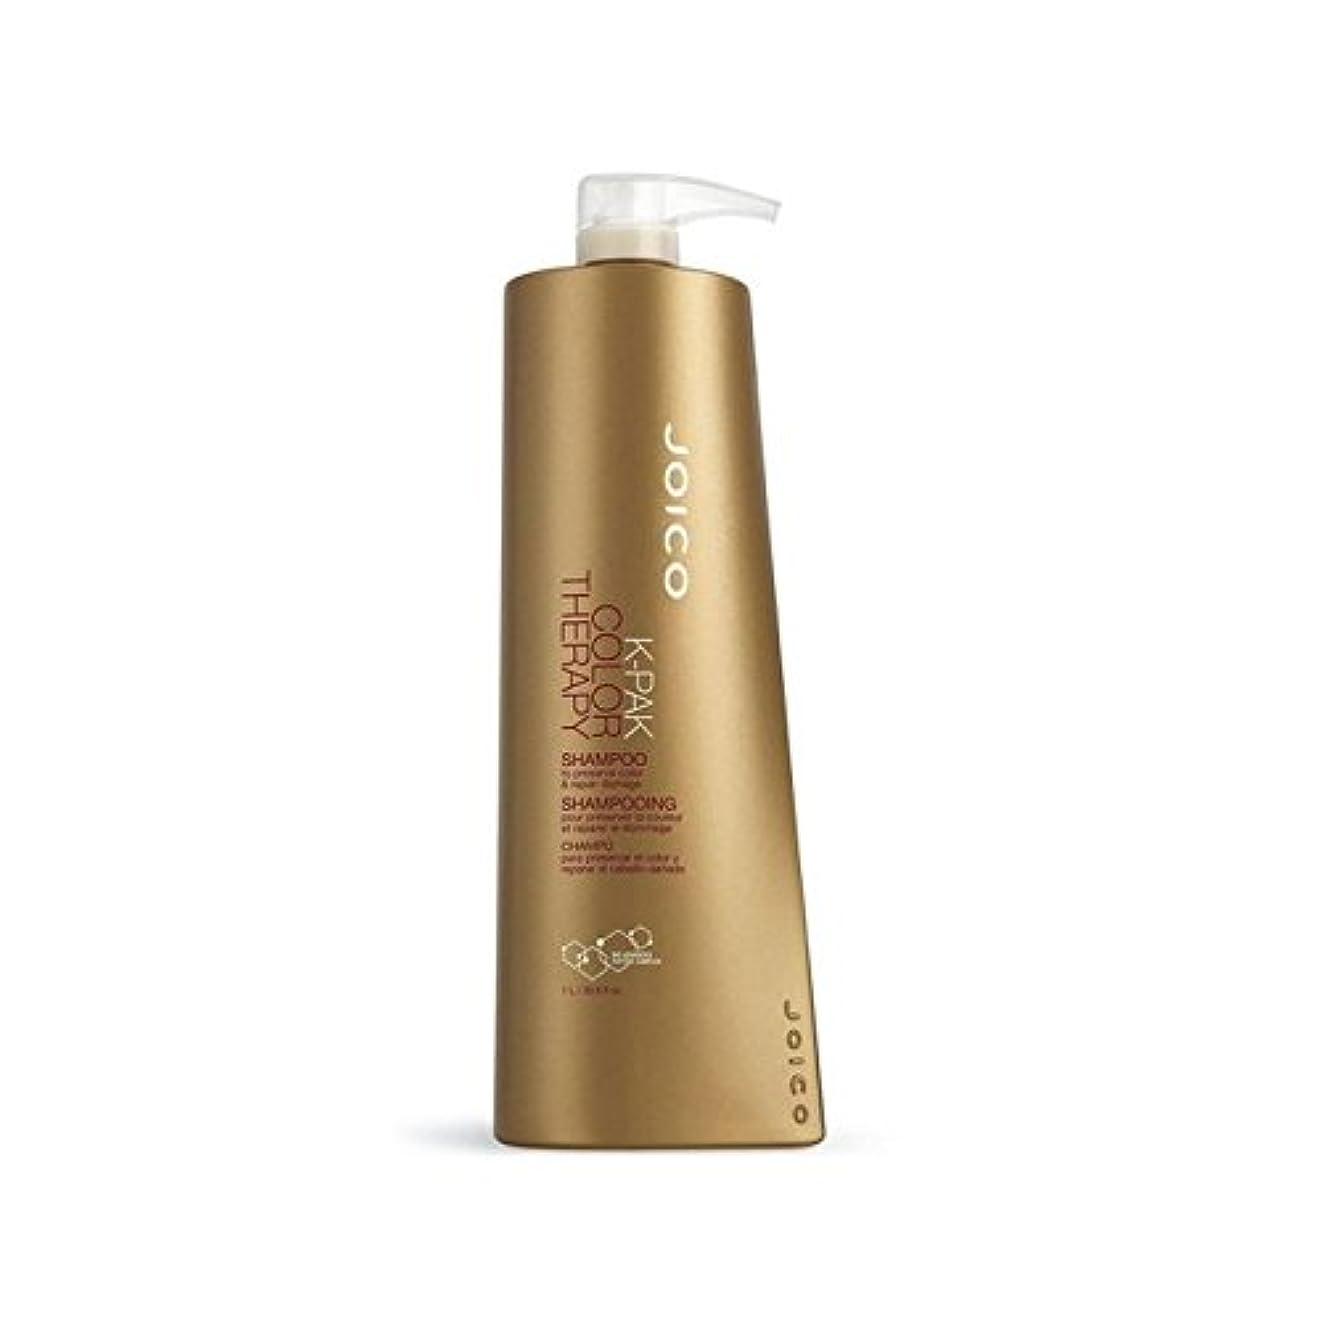 関連付ける難しい取り付けジョイコ-のカラーセラピーシャンプー(千ミリリットル) x4 - Joico K-Pak Color Therapy Shampoo (1000ml) (Pack of 4) [並行輸入品]